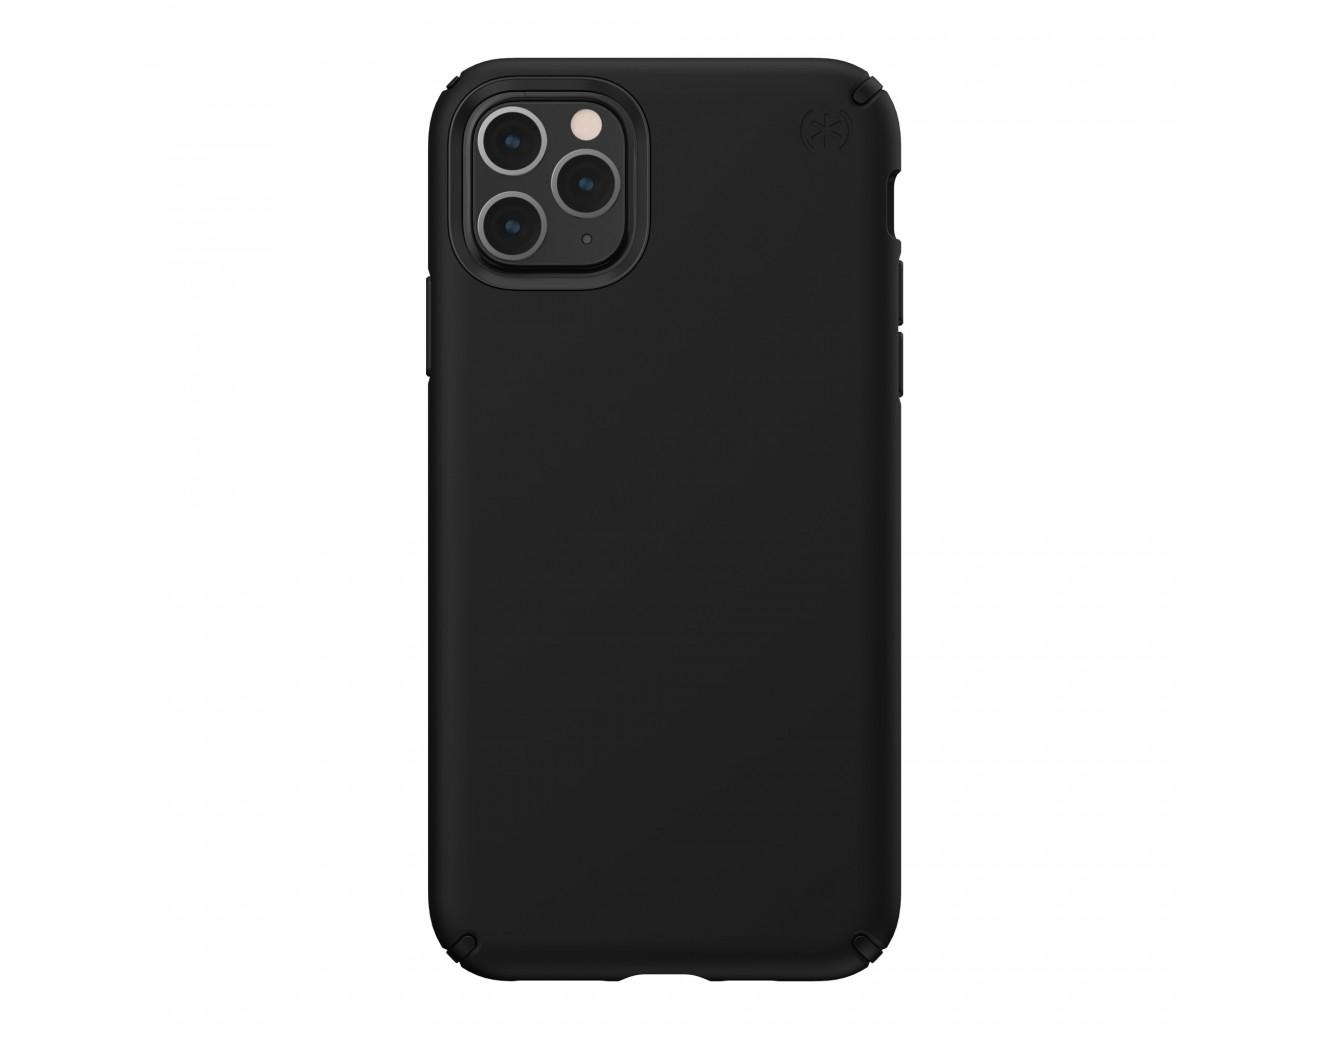 Калъф Speck Presidio Pro за iPhone 11 Pro Max - Black